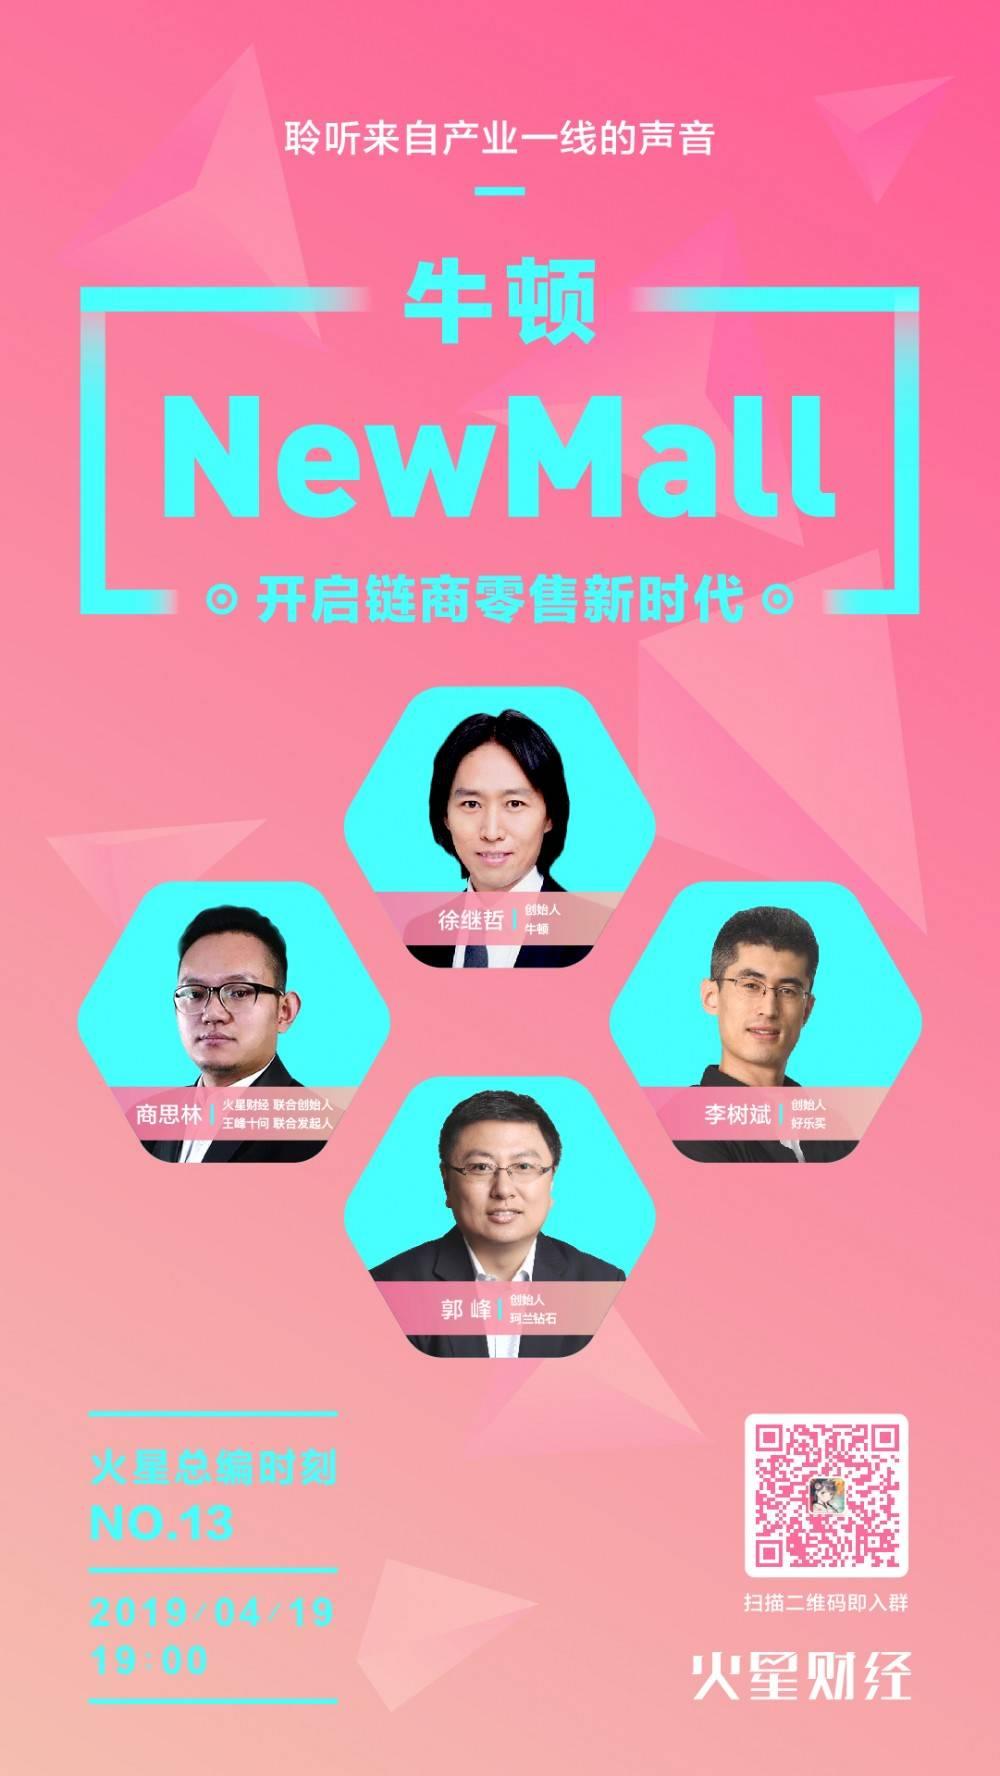 牛顿NewMall如何开启链商零售新时代 | 火星总编时刻No.13